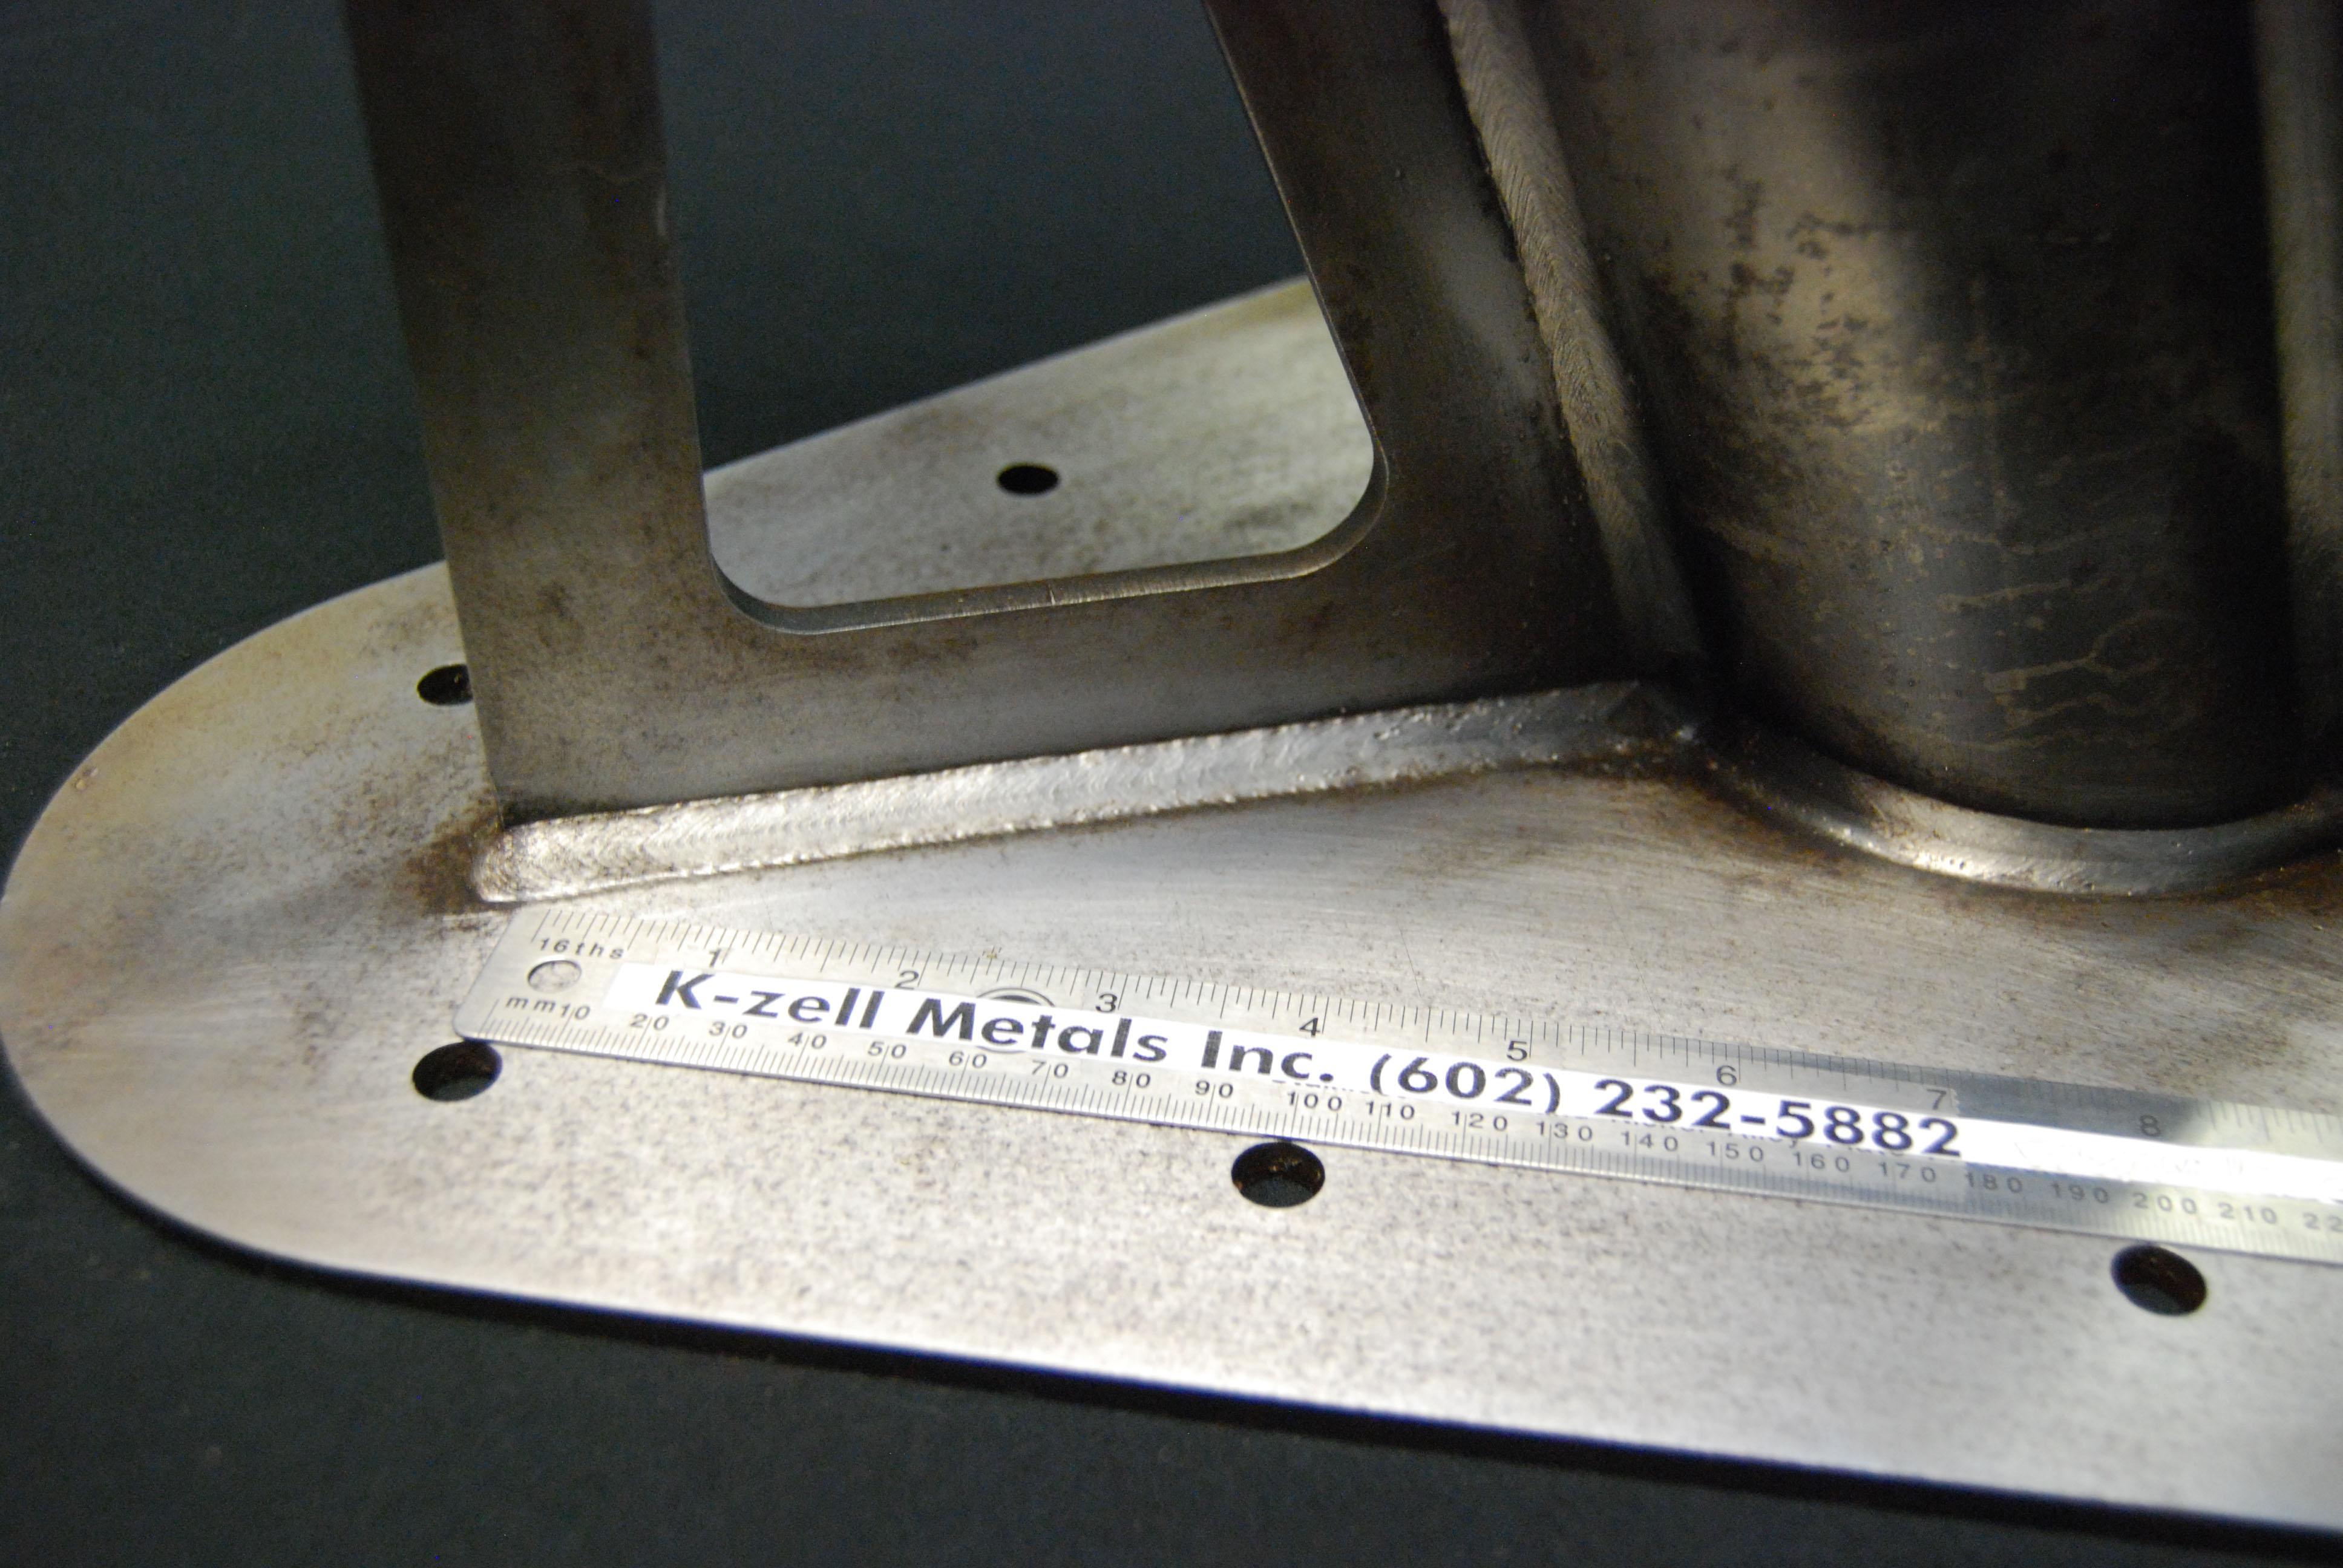 K Zell Metals